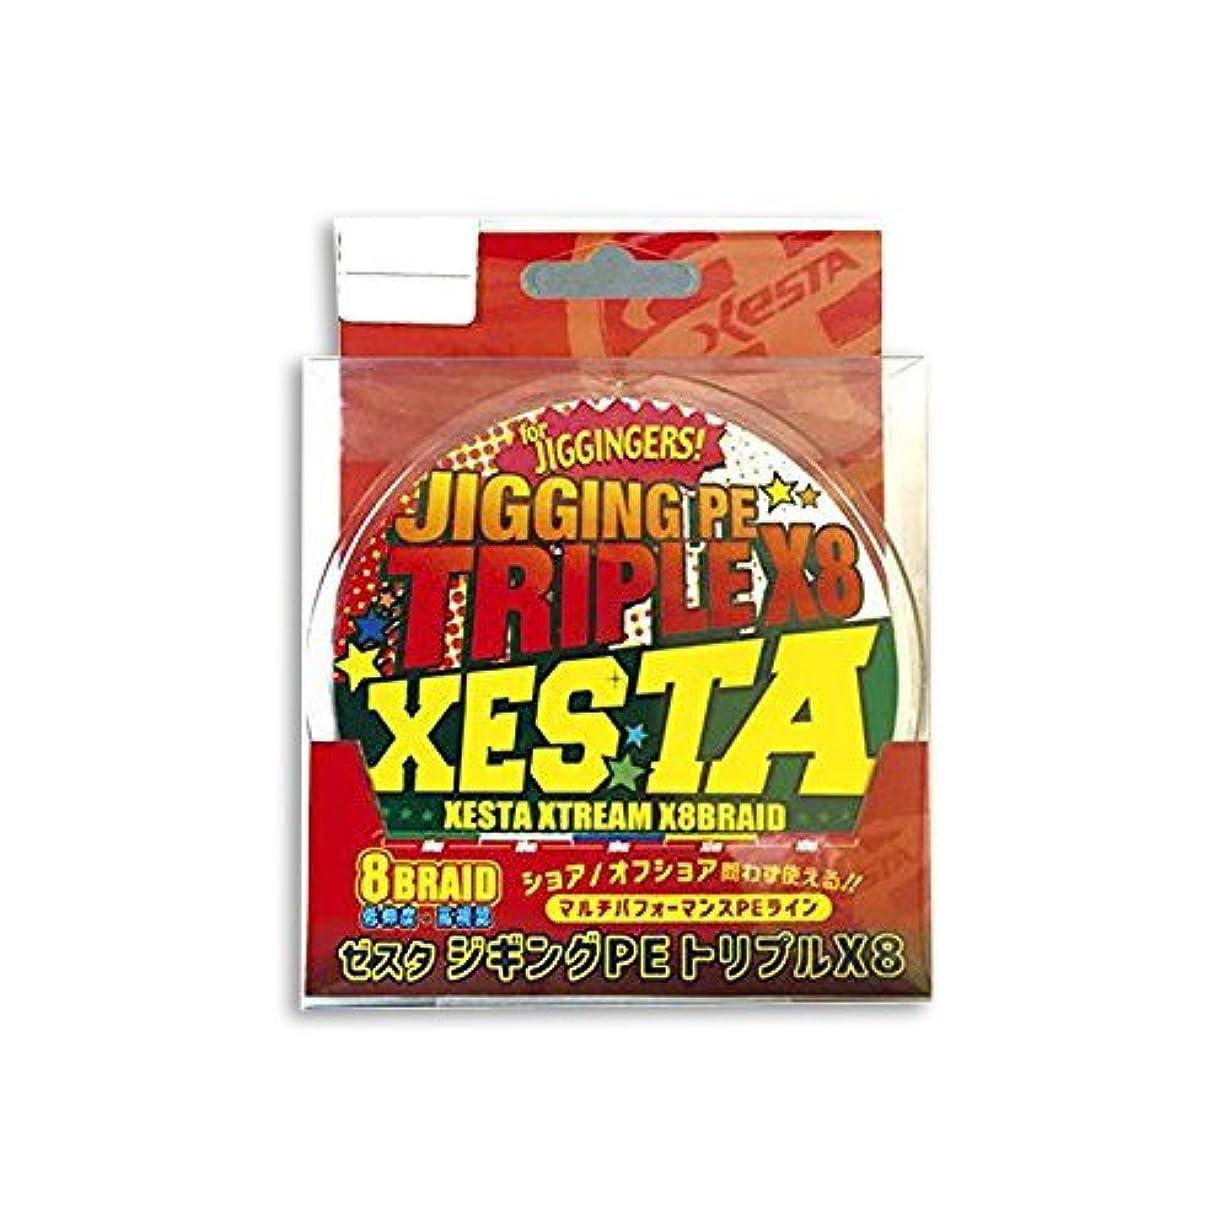 イサカスペイン語敬意を表してゼスタ(XESTA) PEライン ジギングPE トリプルX8 200m 0.6号 12lb(5.4kg)